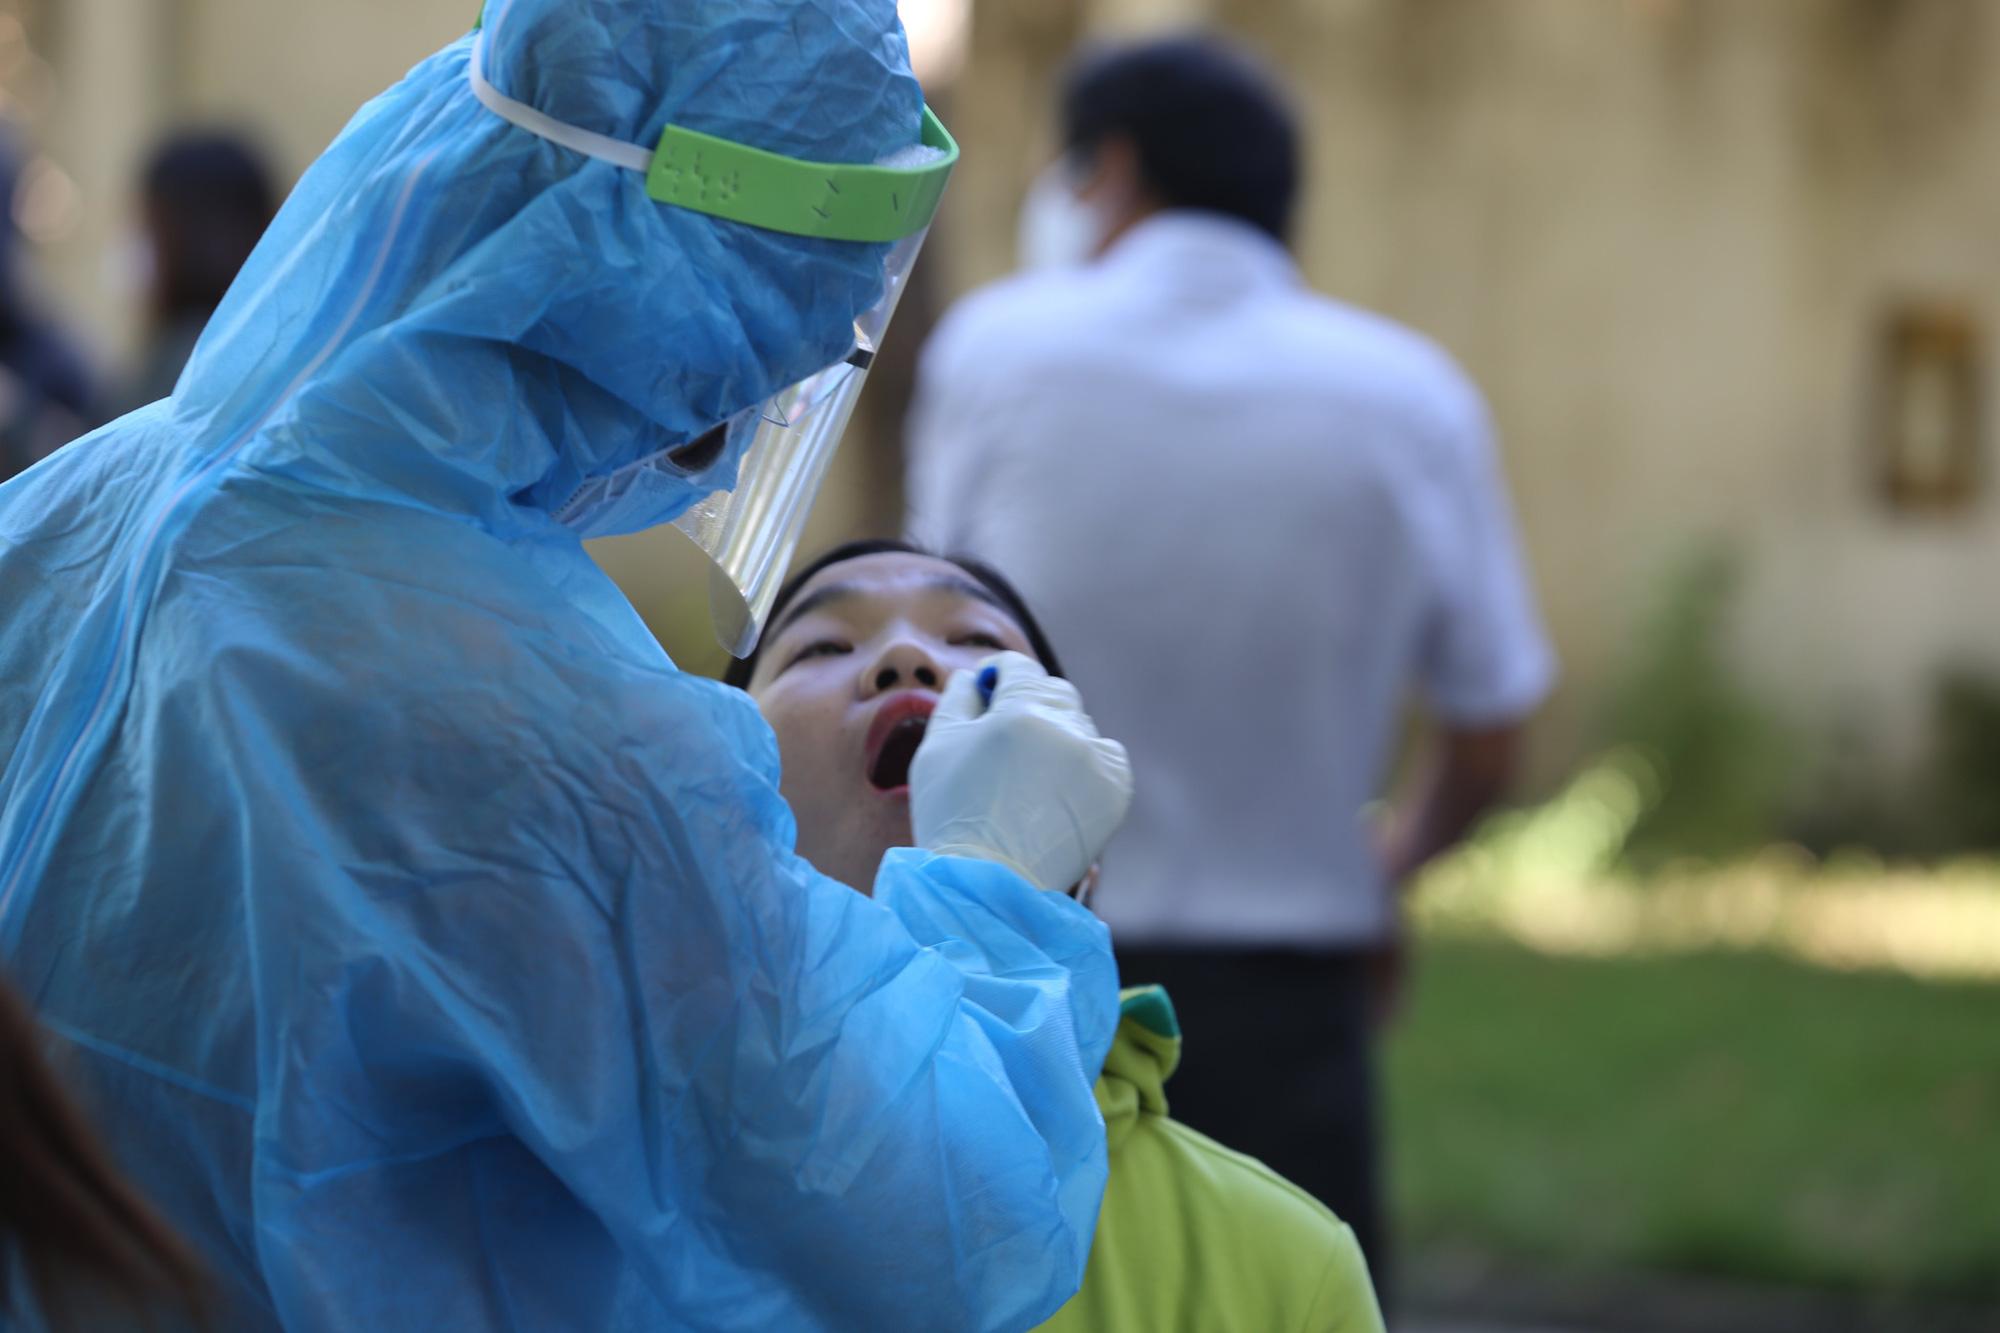 Thêm 2 bệnh nhân ở Quảng Nam tái dương tính với SARS-CoV-2 - Ảnh 1.